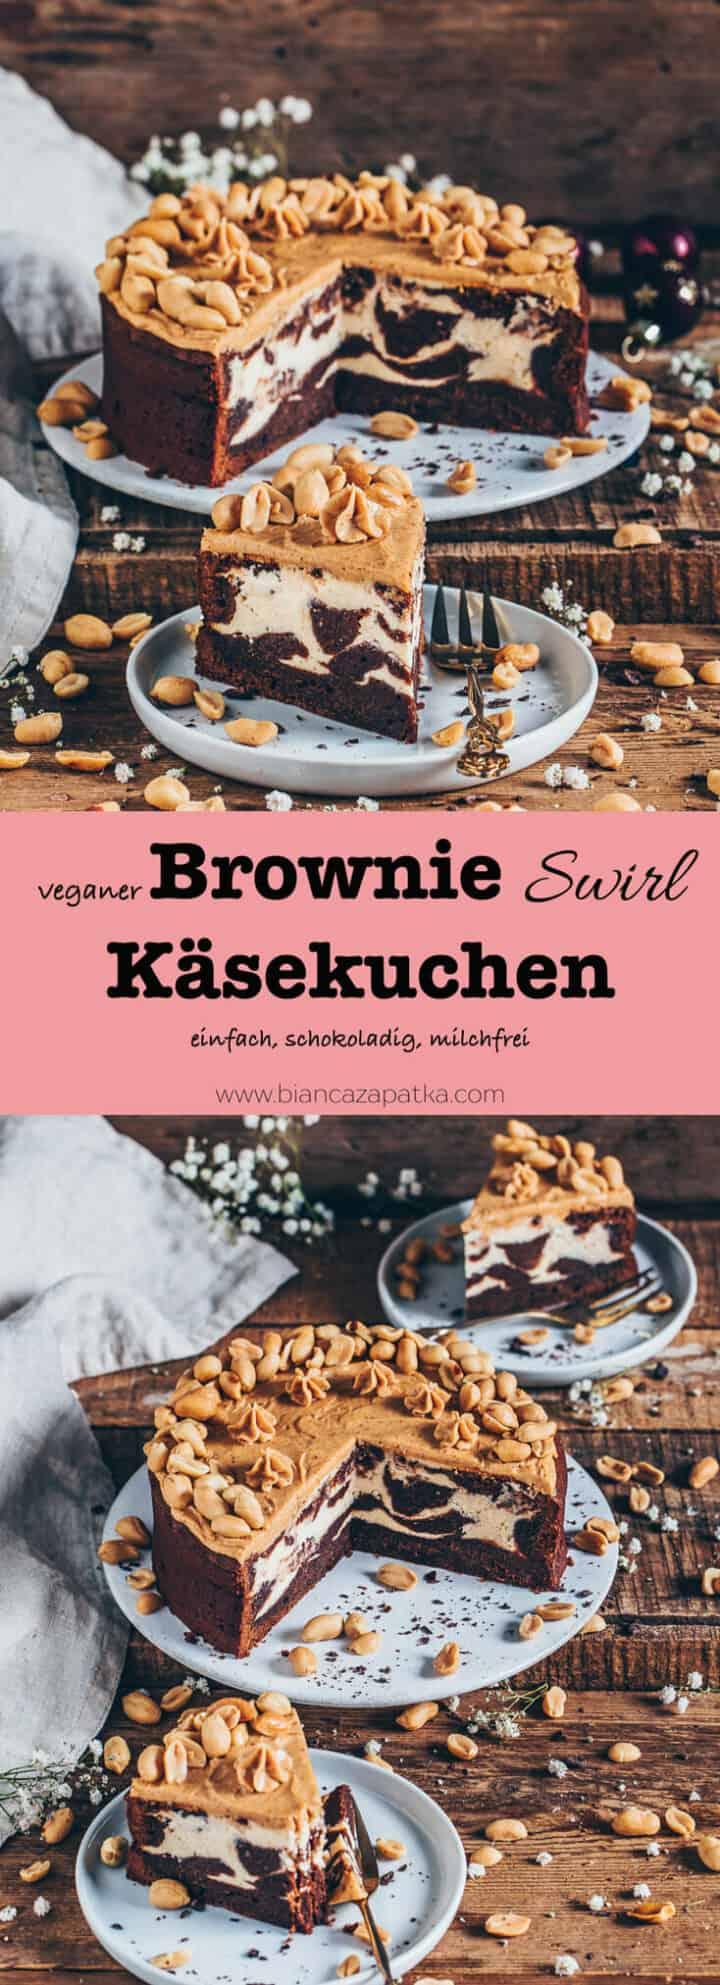 Wenn du schokoladige Brownies und cremigen Käsekuchen liebst, dann wird dieser vegane Brownie-Kaesekuchen (Schokoladenkuchen, Cheesecake Brownies) ganz bestimmt zu deinem neuen Lieblingsdessert! Er ist saftig, schokoladig, glutenfrei, milchfrei, eifrei, lecker und mit einem Erdnussbutter-Frosting bestrichen.